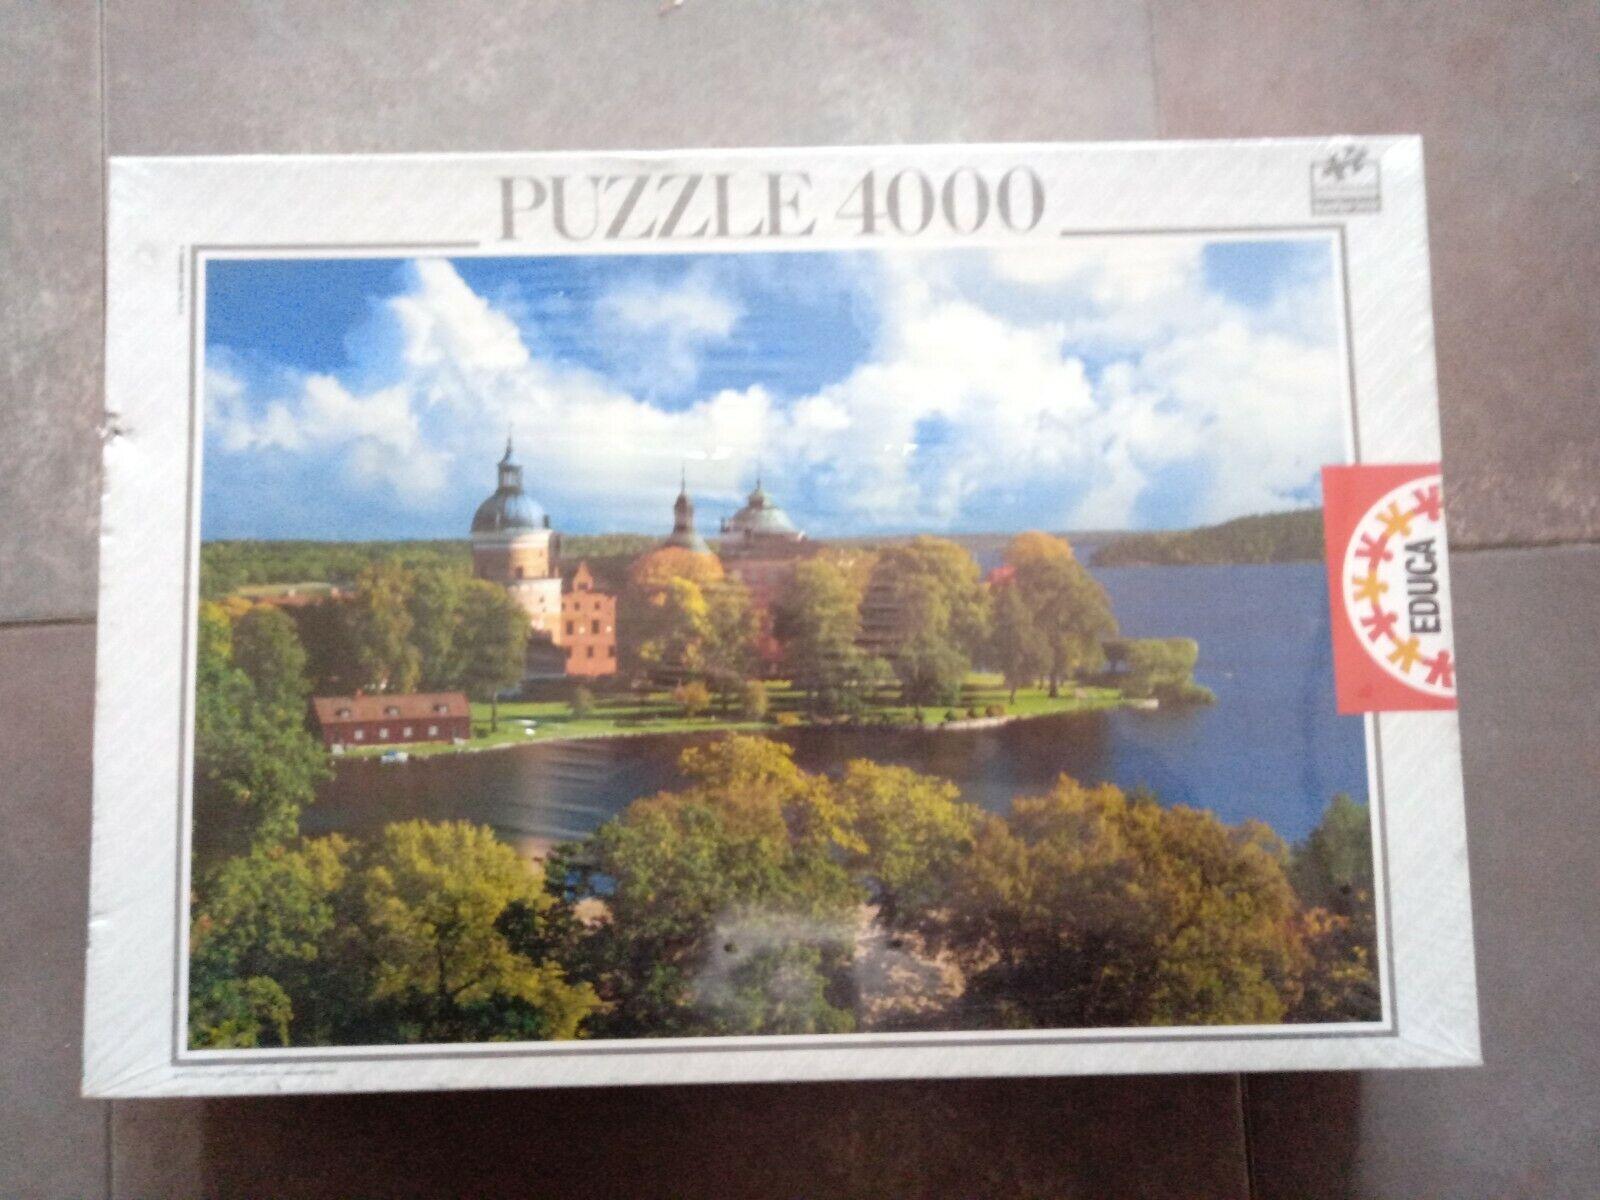 PUZZLE 4000 EDUCA  IMAGEN DROTTNINGHOLM SUECIA  136 X 96 CM. NUEVO SIN ABRIR